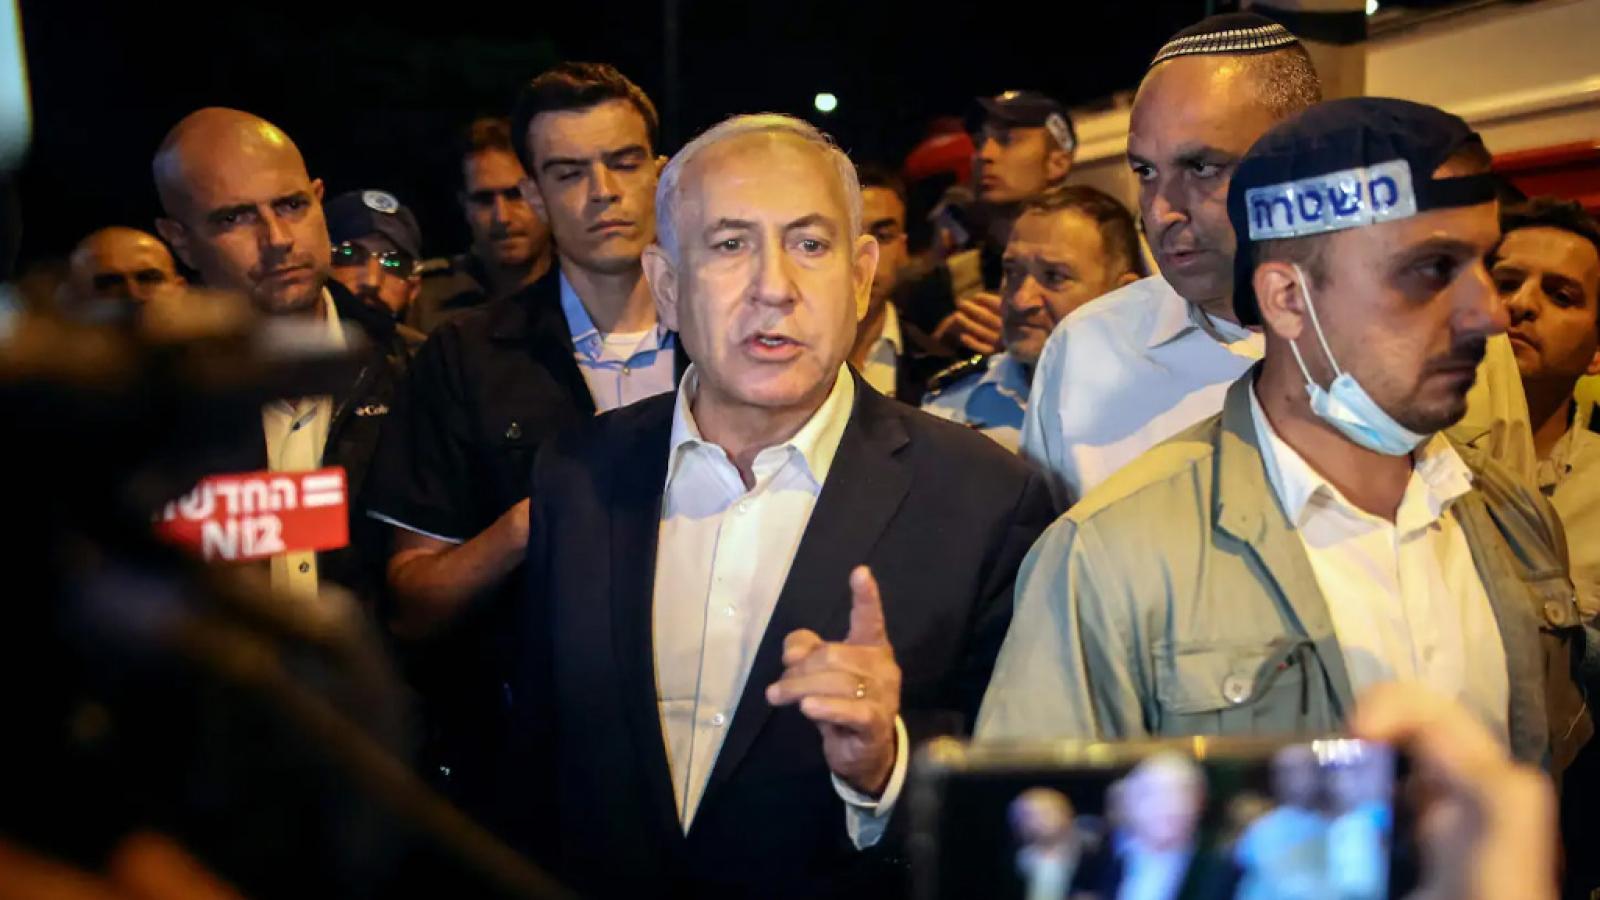 Thế cờ chính trị của Thủ tướng Netanyahu trong vòng xoáy bạo lực Israel-Gaza